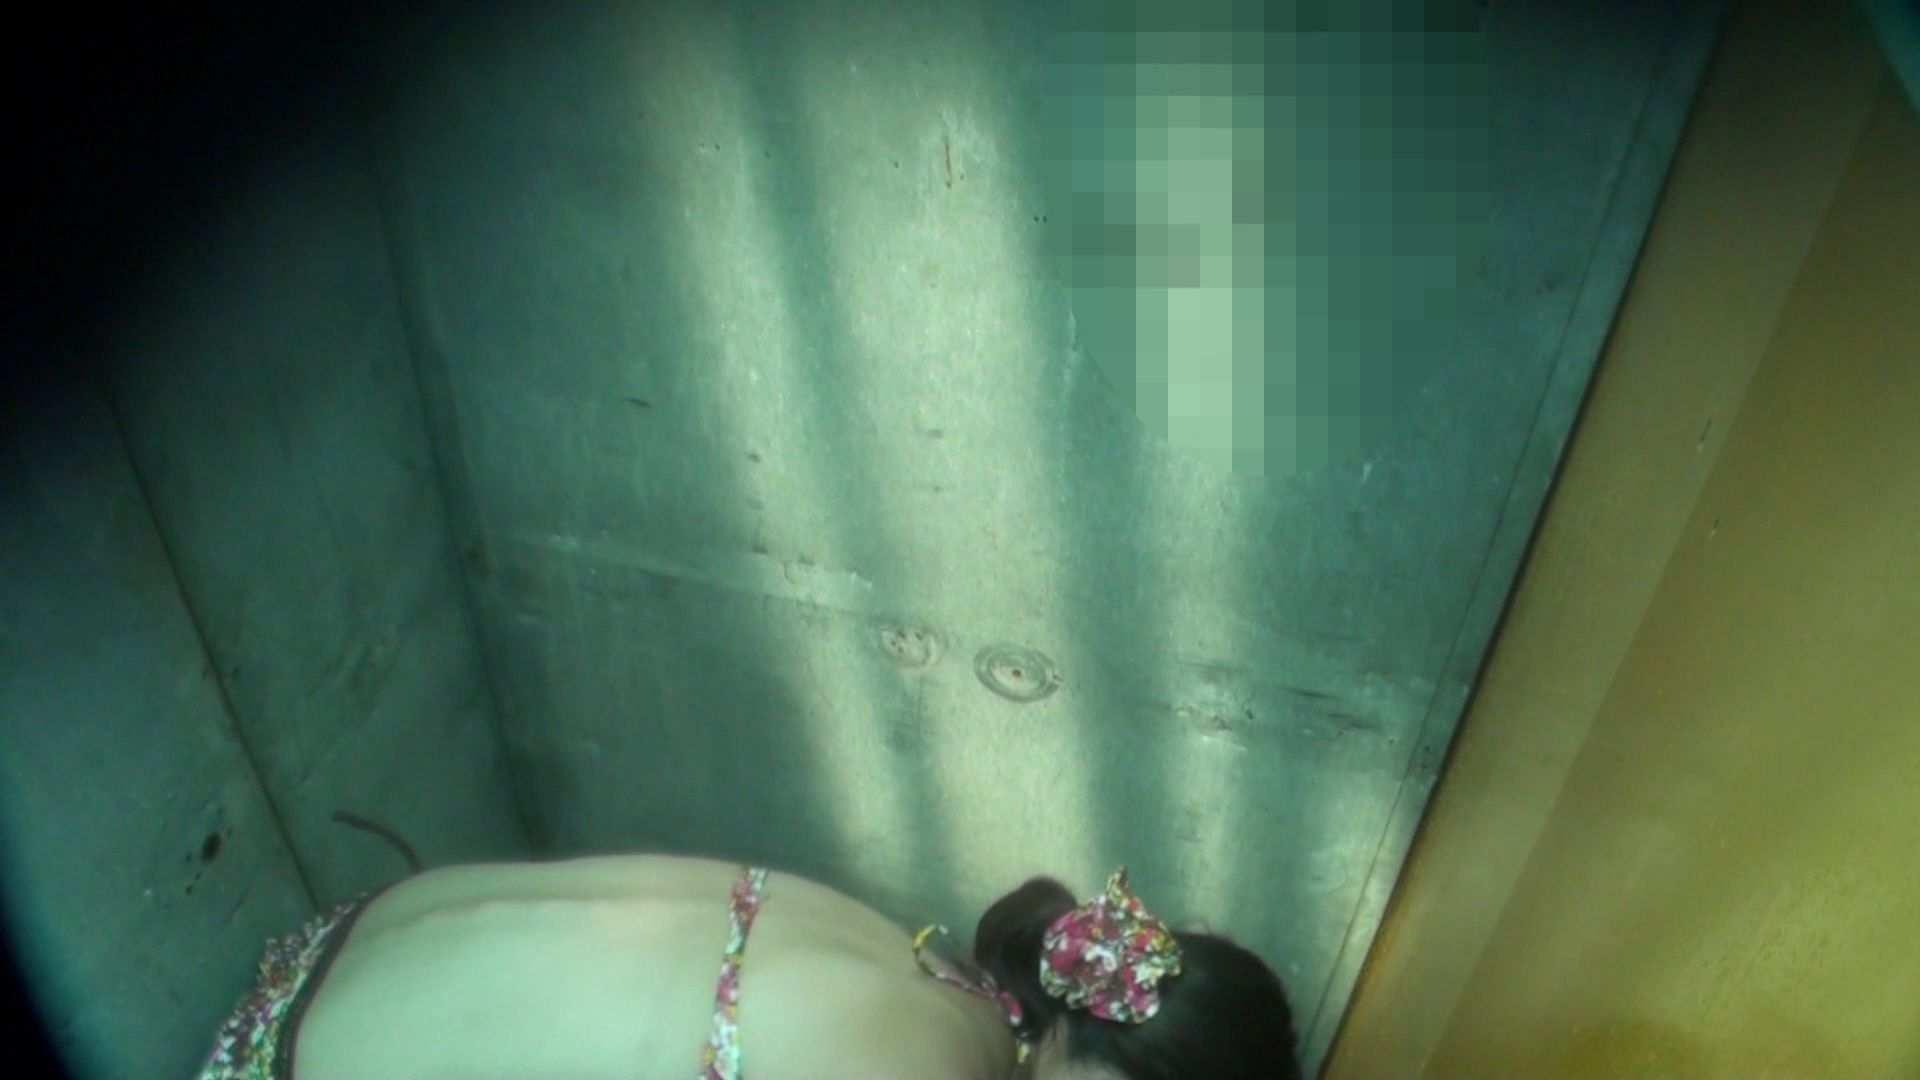 シャワールームは超!!危険な香りVol.16 意外に乳首は年増のそれ 高画質 のぞき濡れ場動画紹介 61pic 7